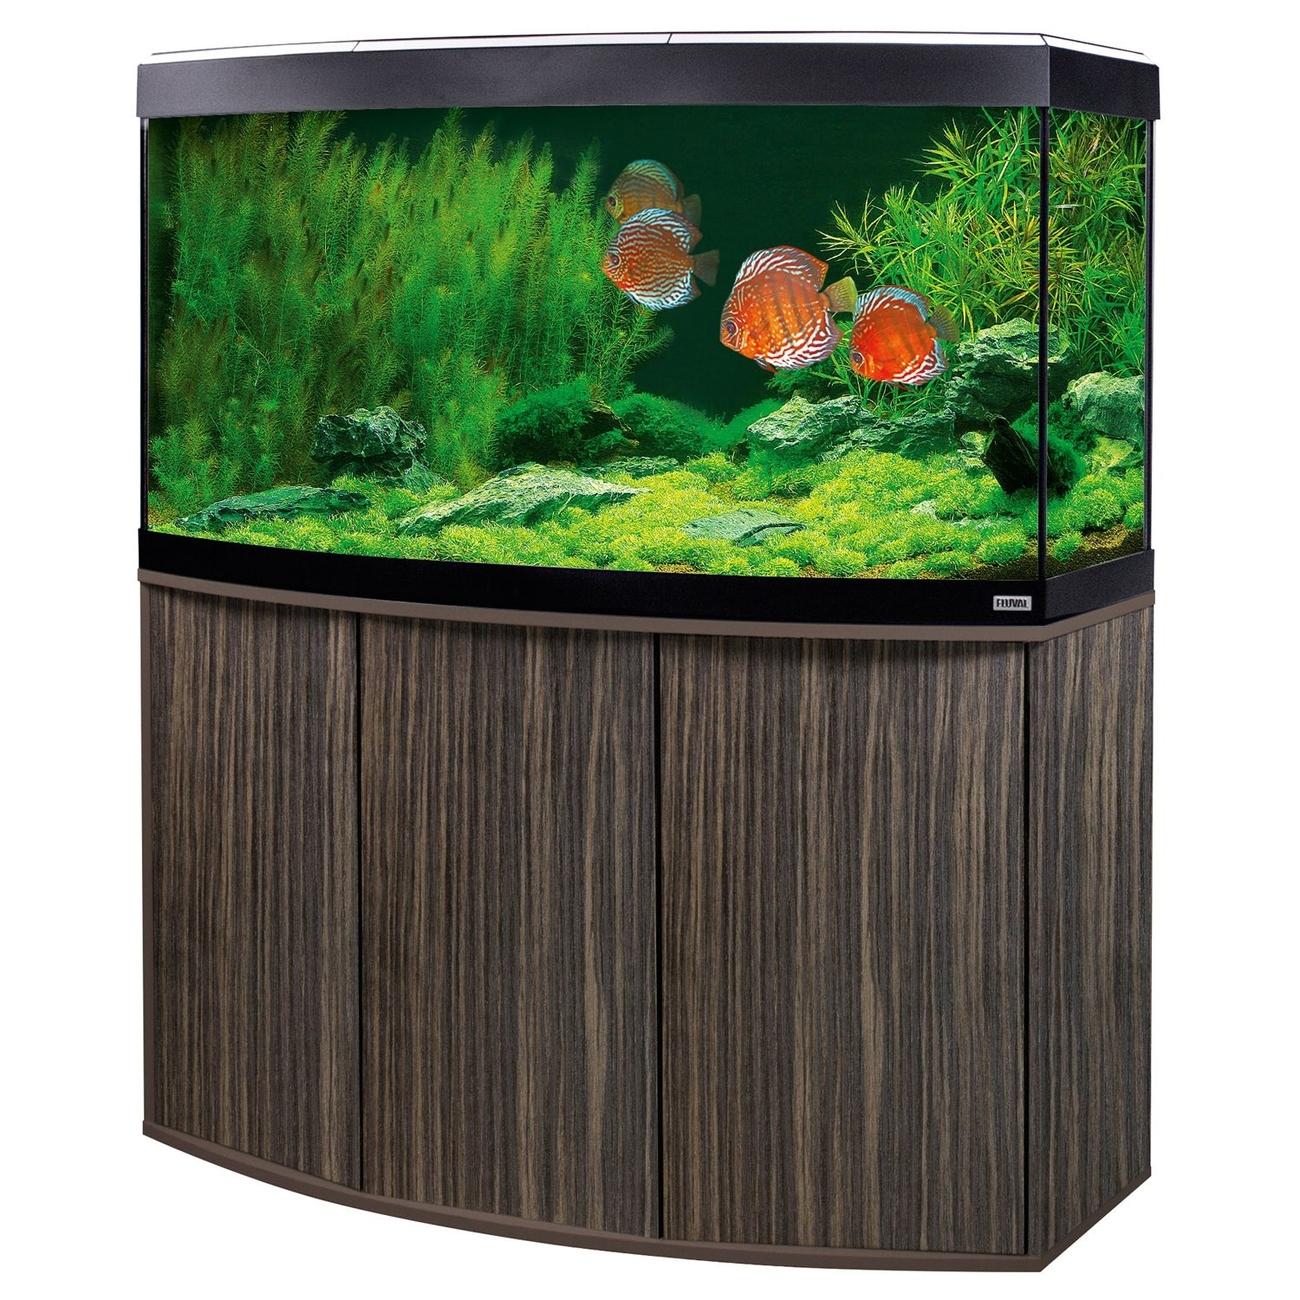 Fluval Süßwasser Aquarium mit Schrank Vicenza, Bild 18